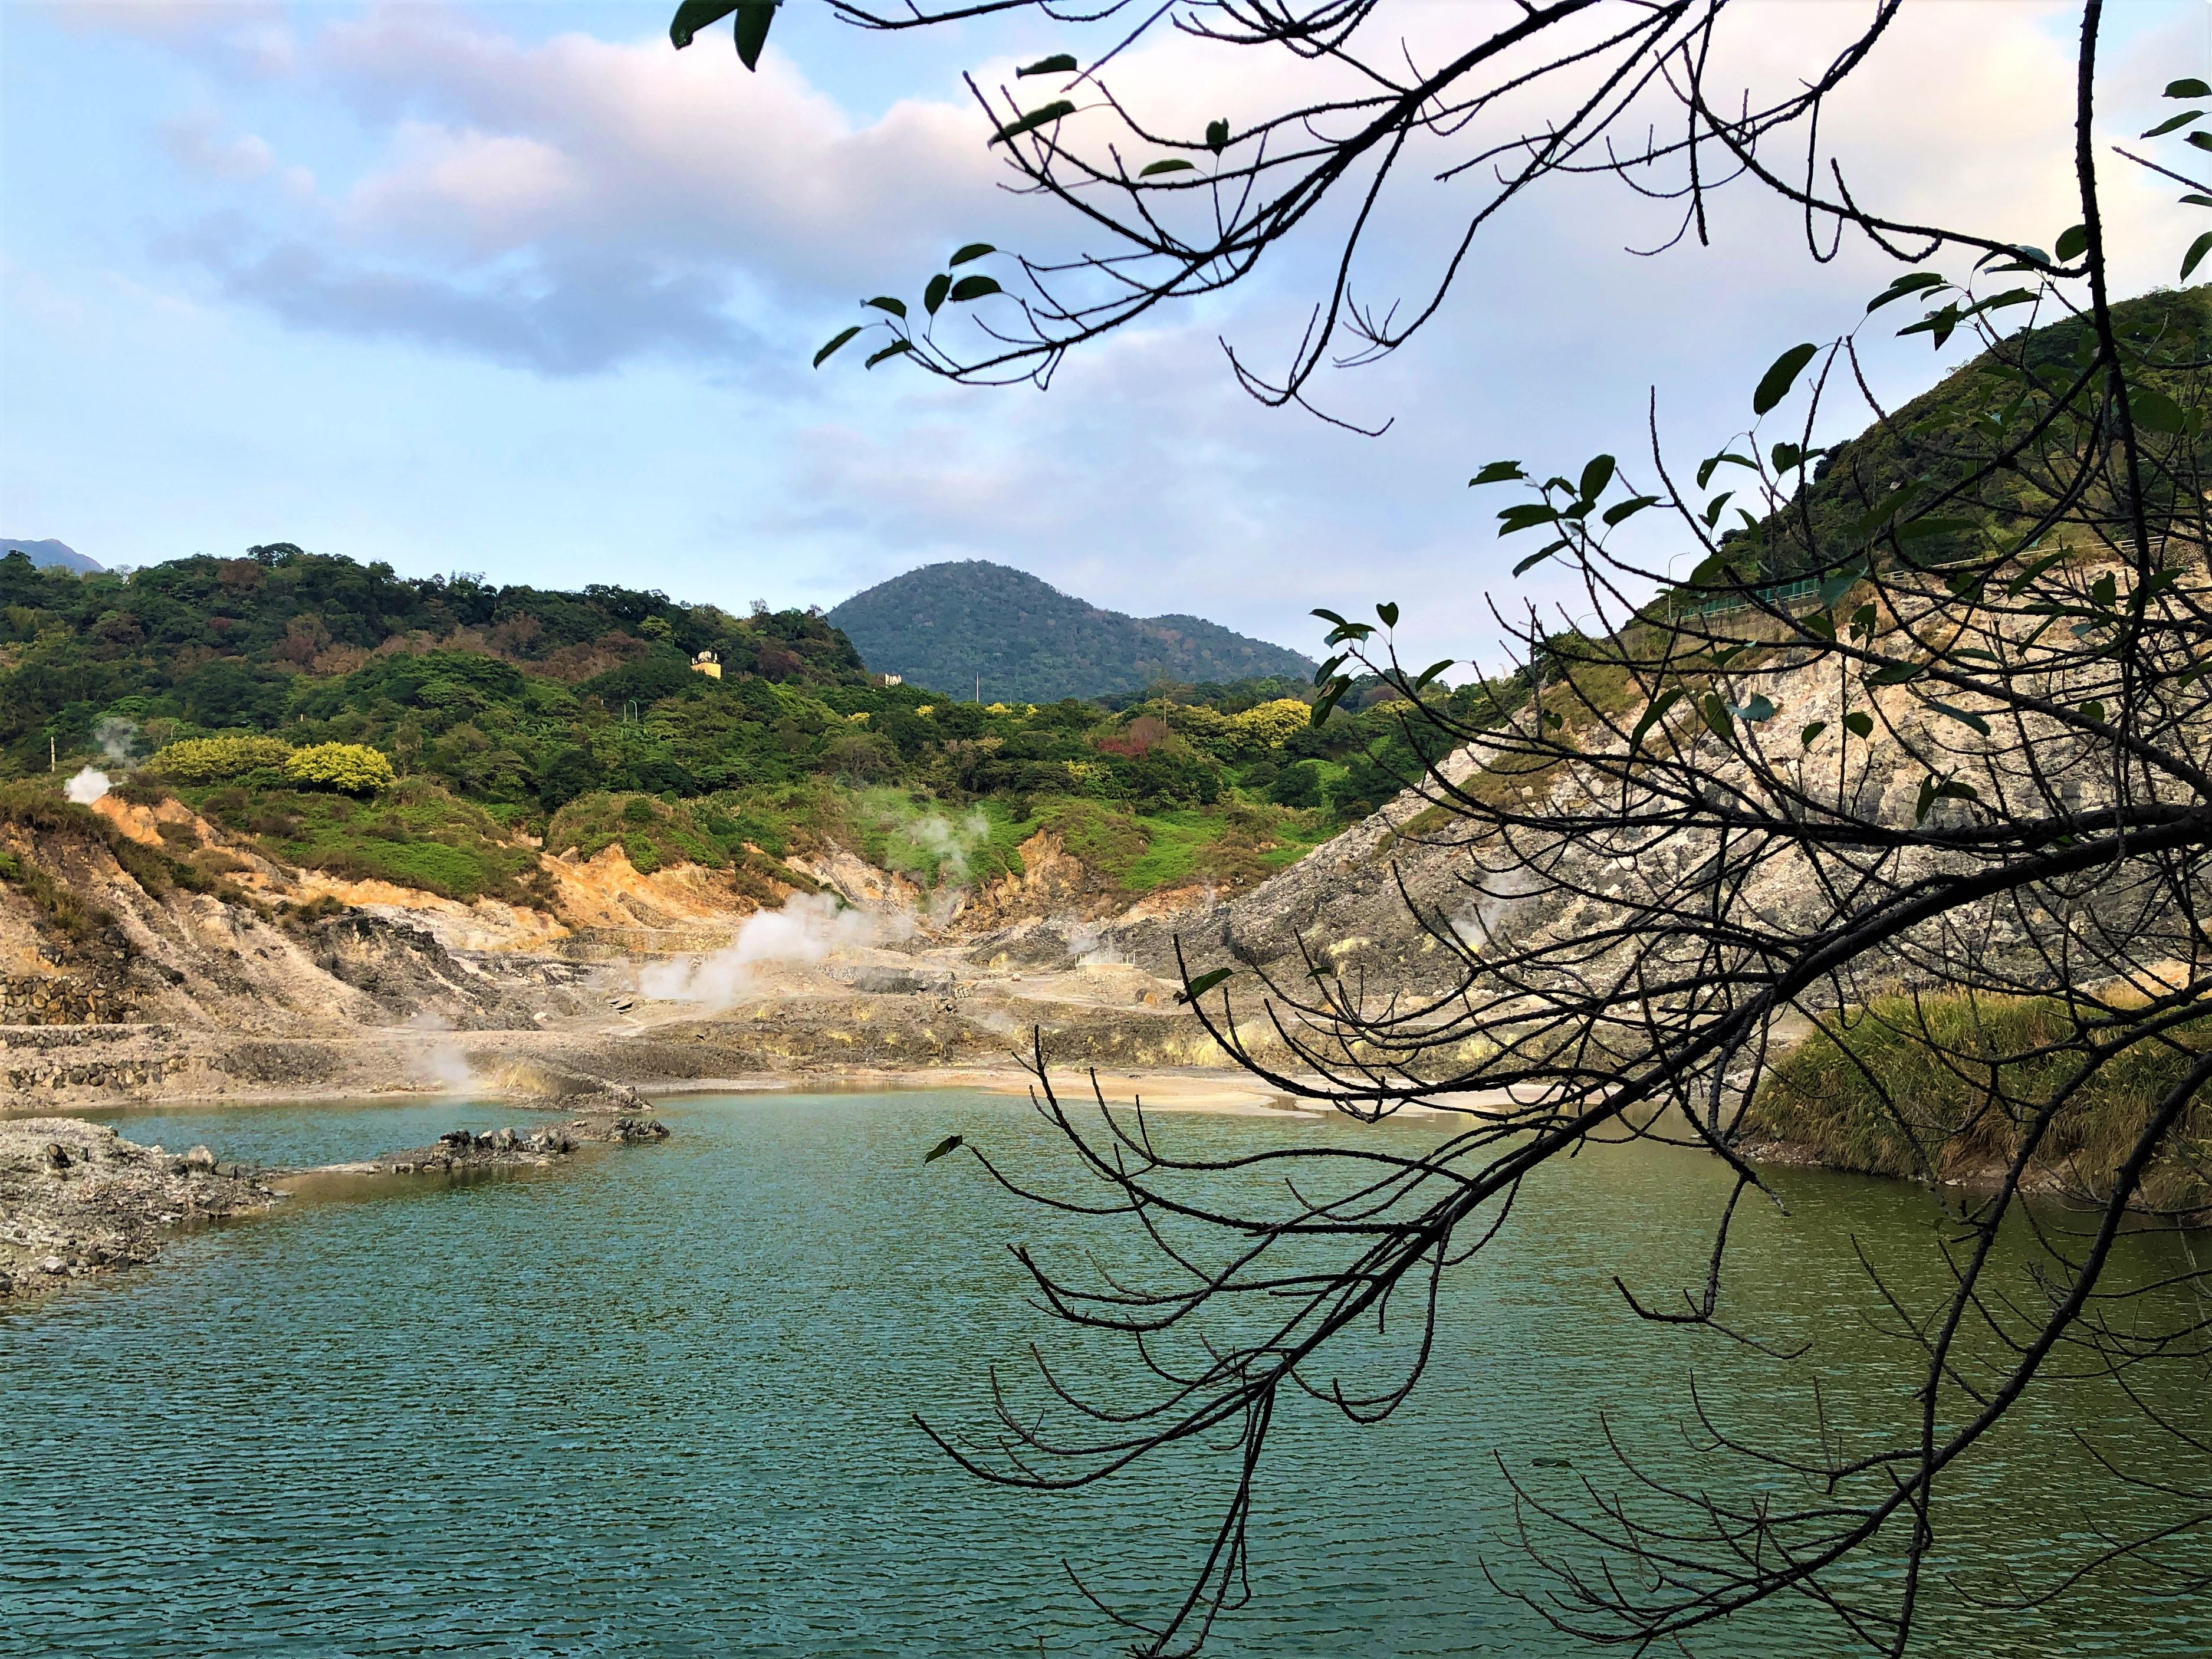 A peine à quelques kilomètres de Taipei, la nature reprend ses droits au parc national de Yangmingshan /crédit photo JDL